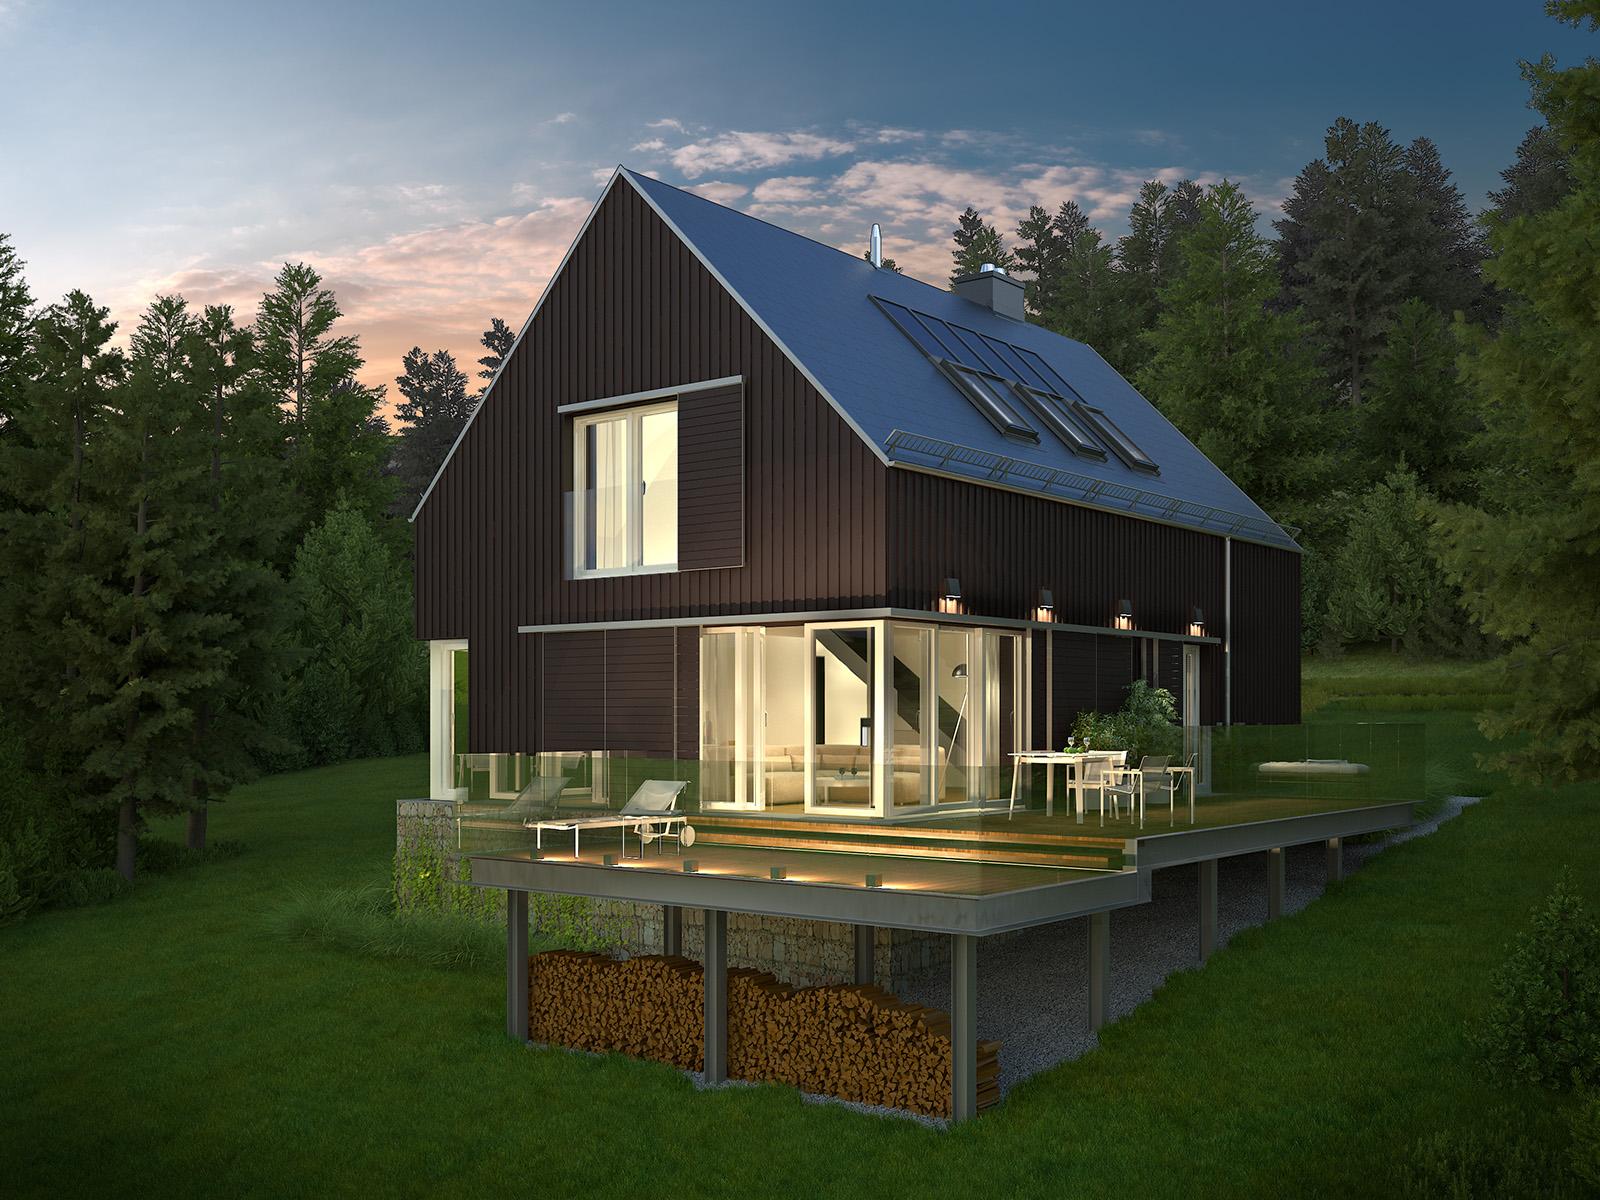 Projekt domu WIDOKOWY Domy Czystej Energii widok od ogrodu